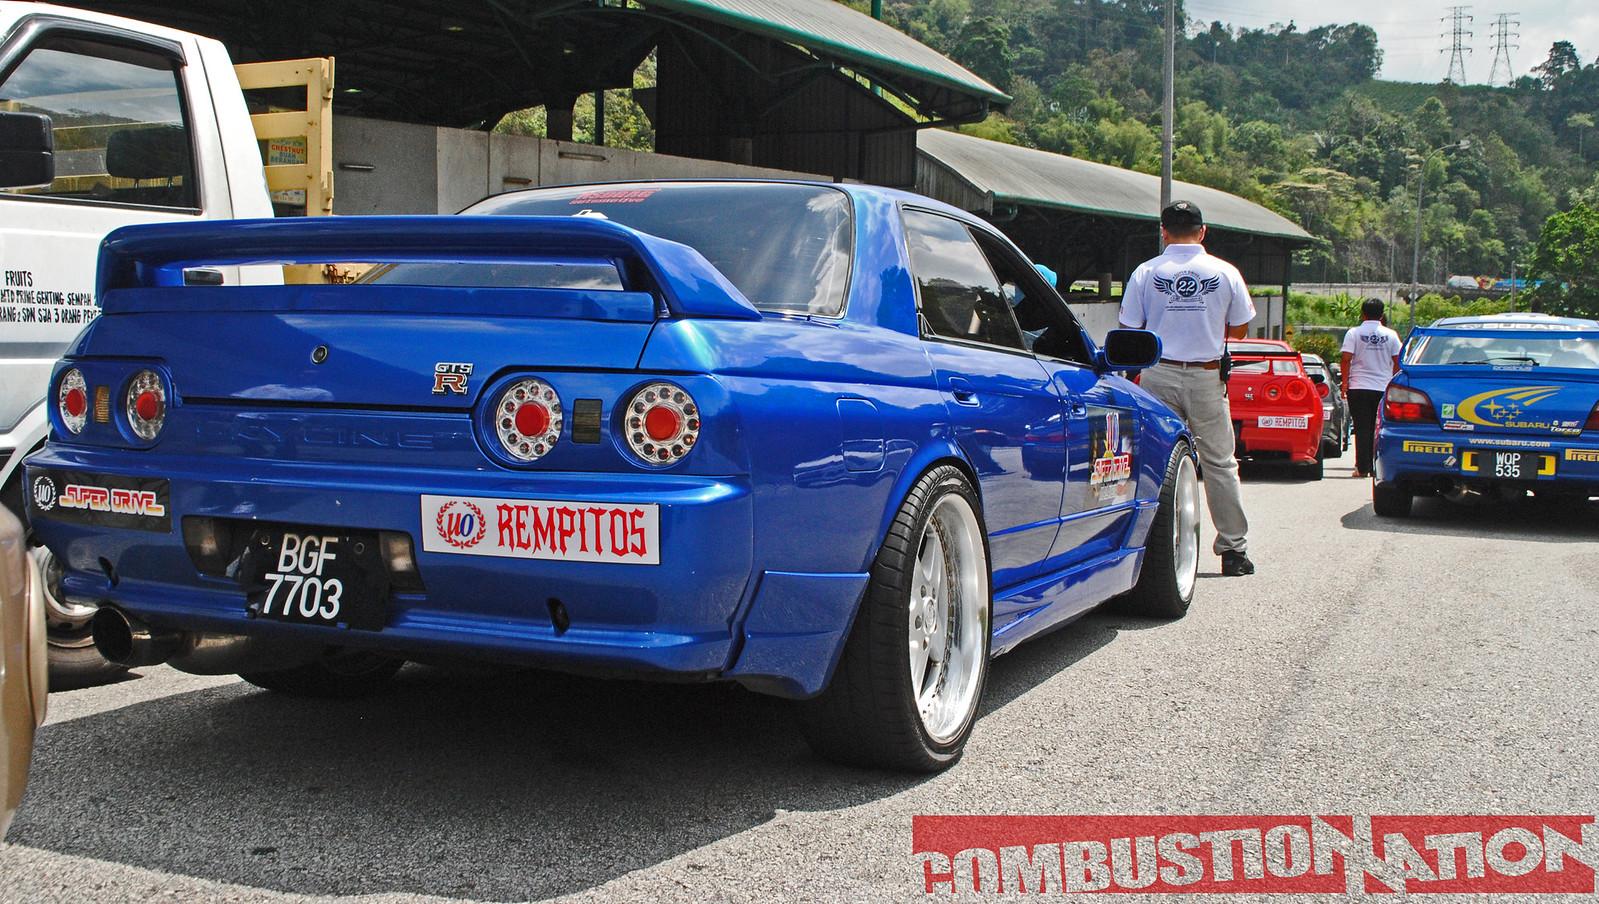 Blue R32